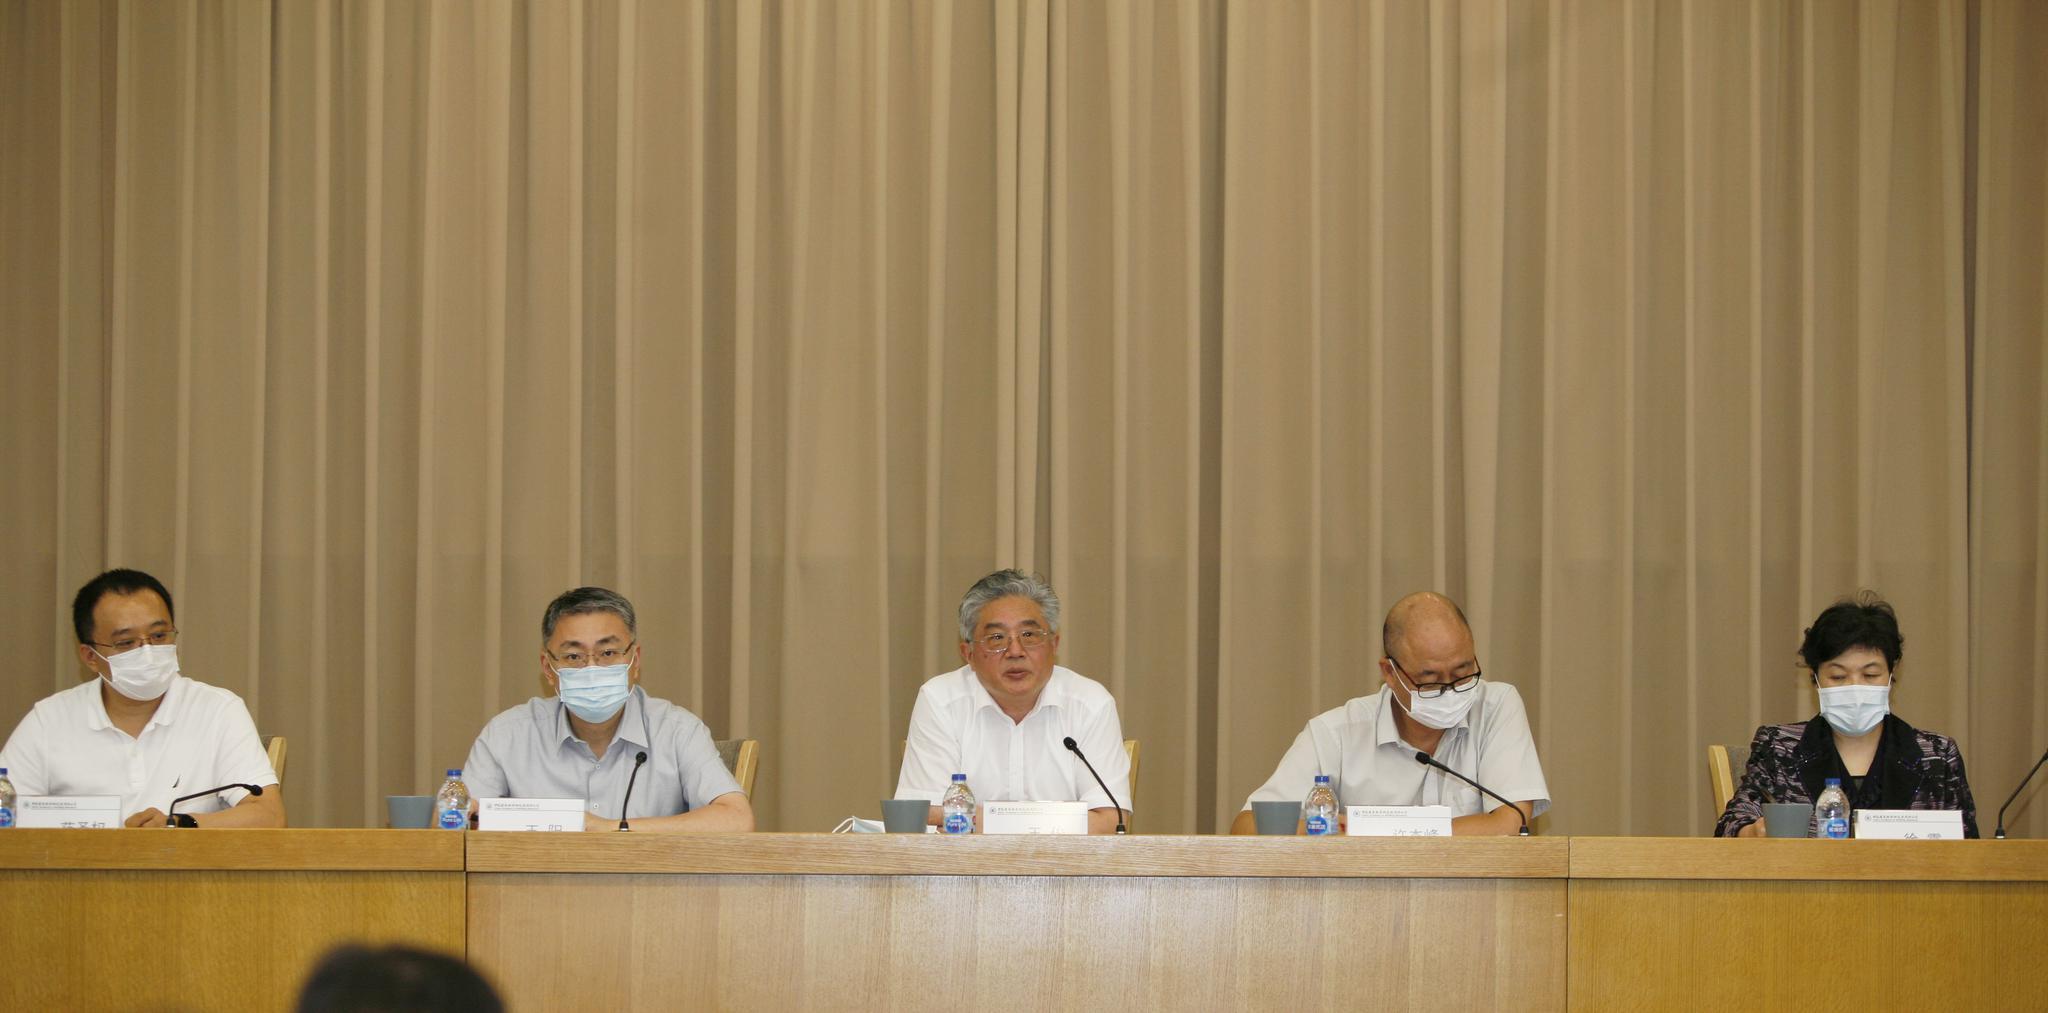 公司召开三项制度改革工作推进会